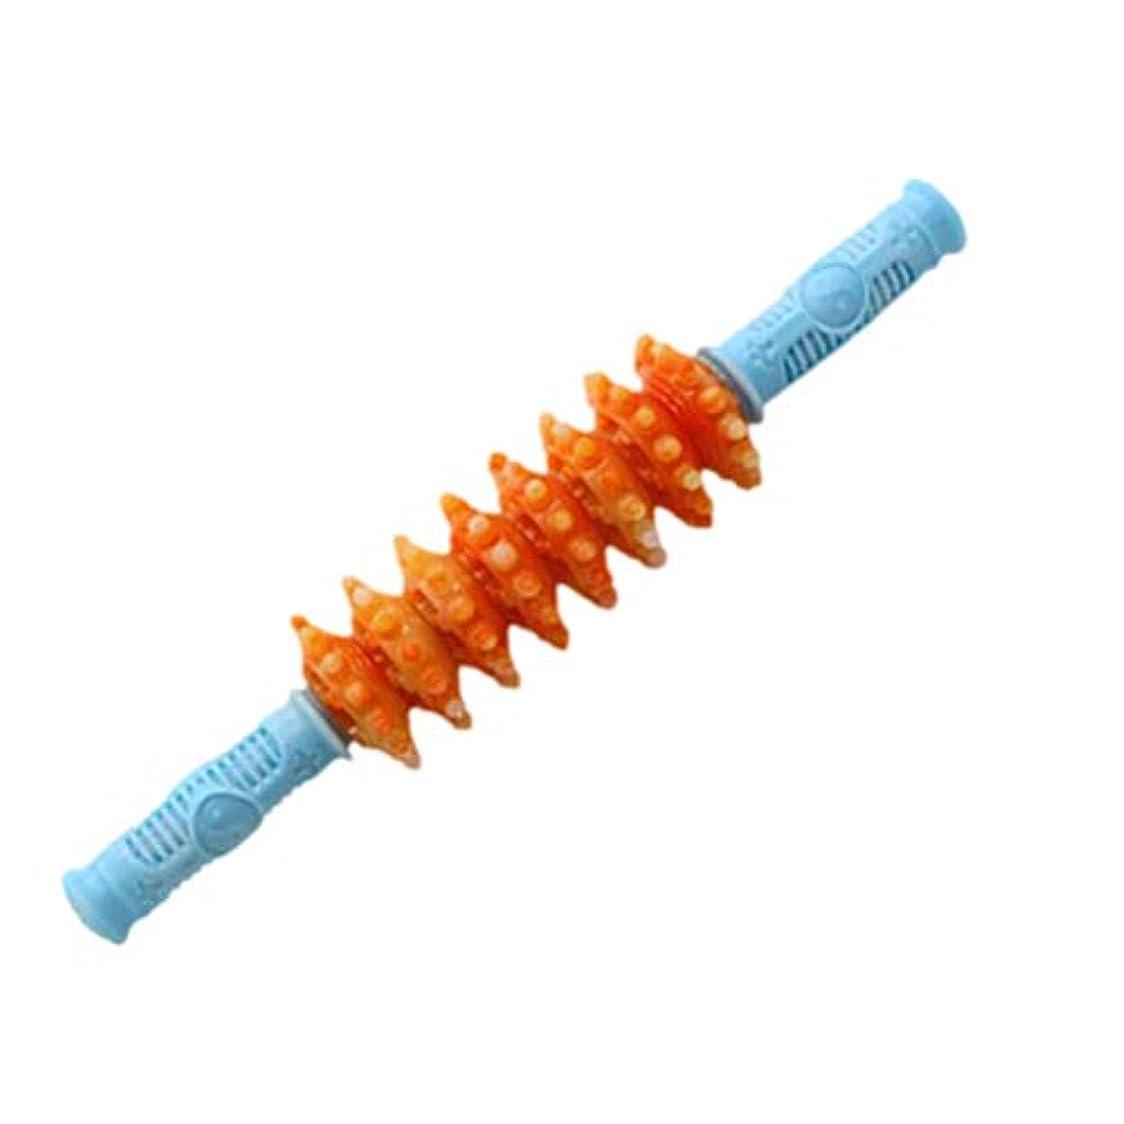 Healifty 筋肉痛筋肉痛筋膜痛を和らげるためのヨガの筋肉ローラーマッサージスティック